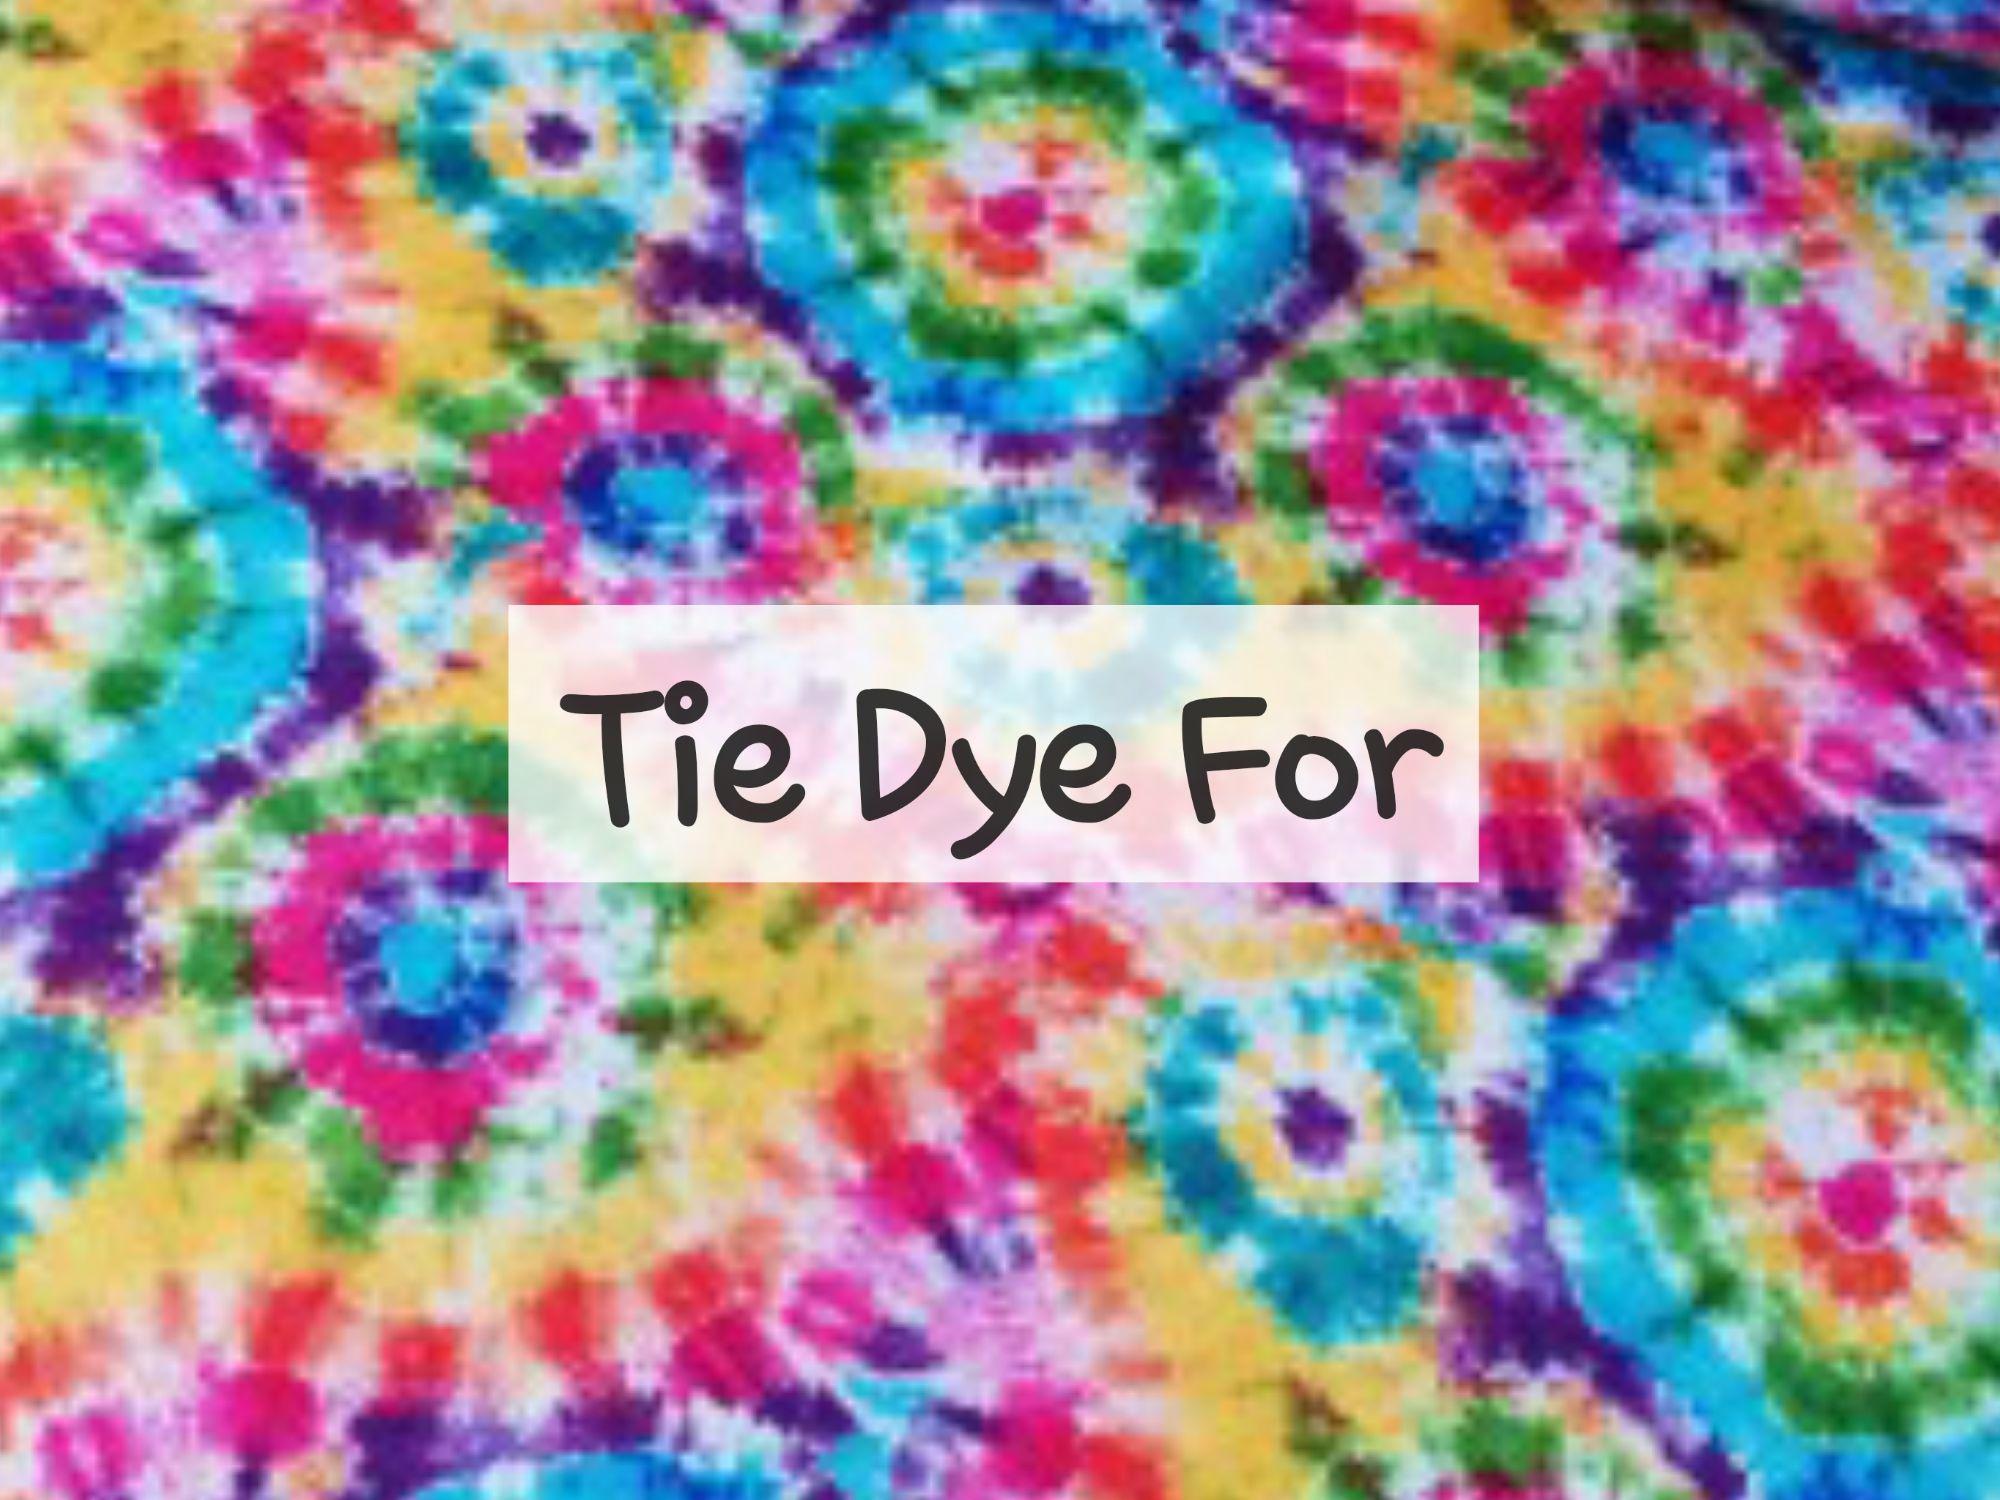 Tie Dye For